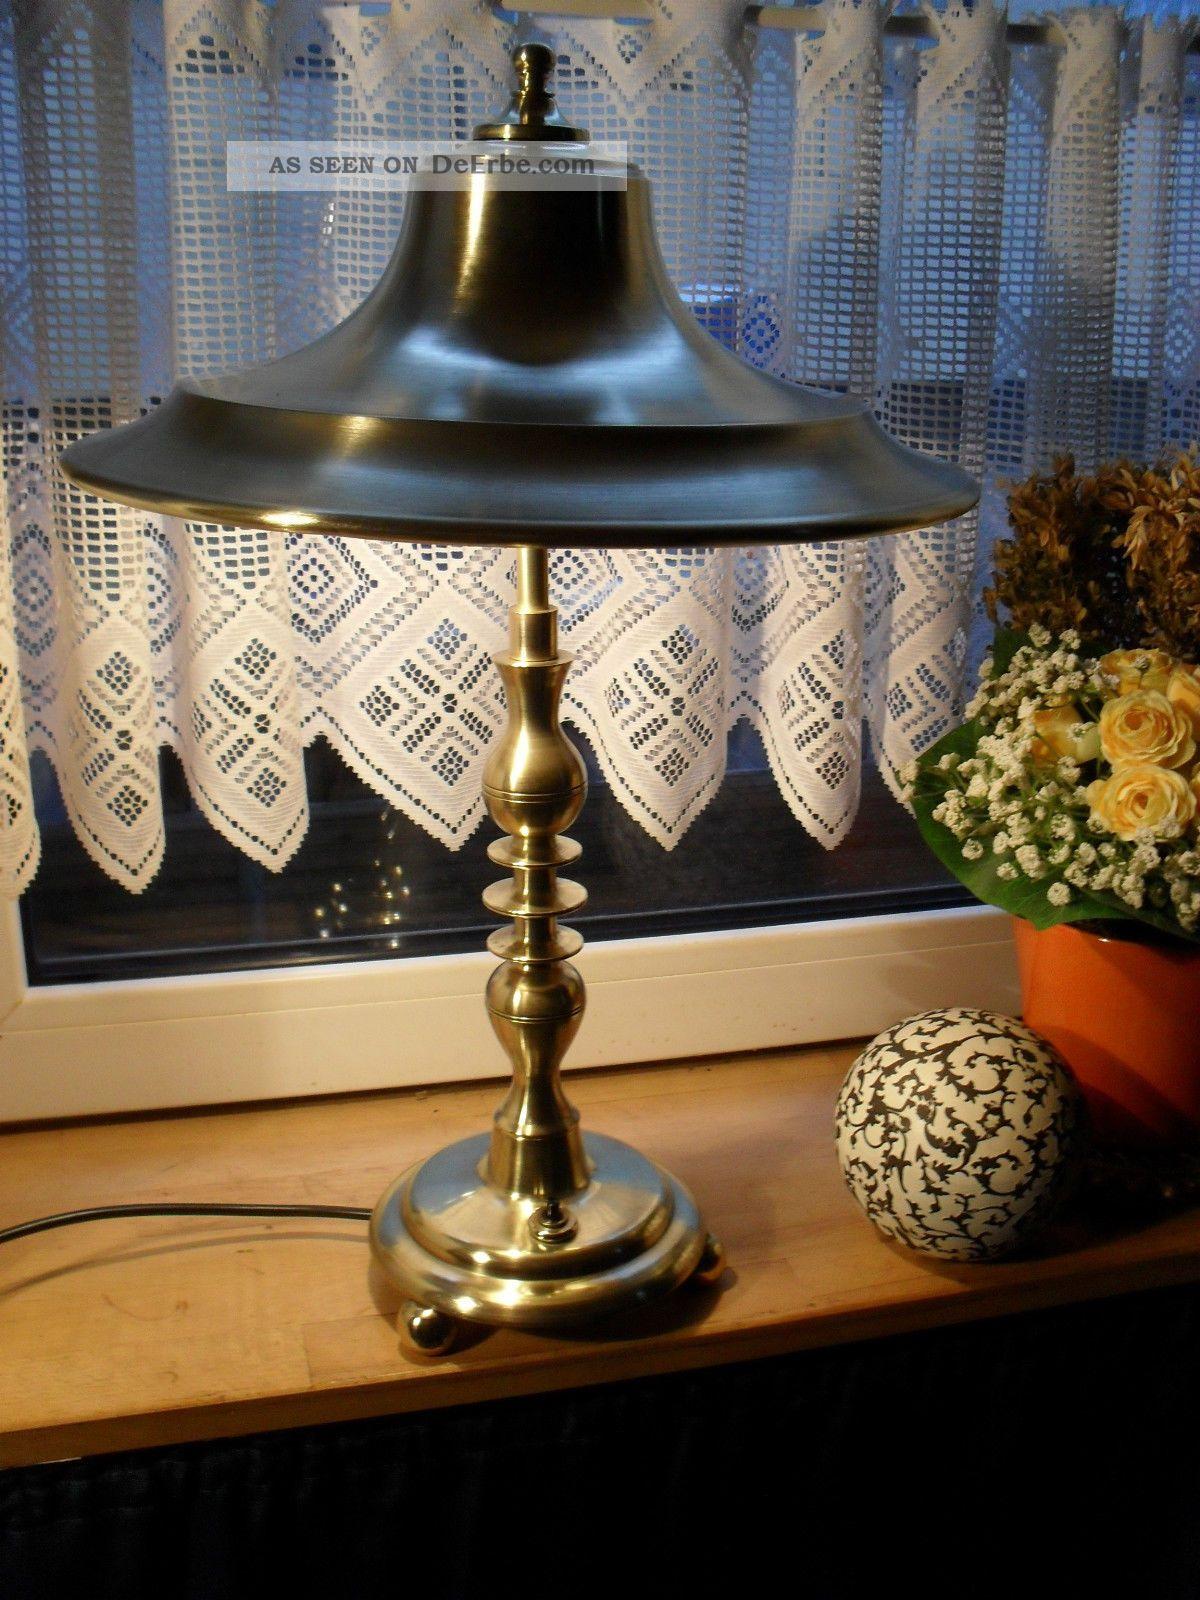 eindrucksvolle antike art deco jugendstil tischlampe messing goldbronze um 1910. Black Bedroom Furniture Sets. Home Design Ideas